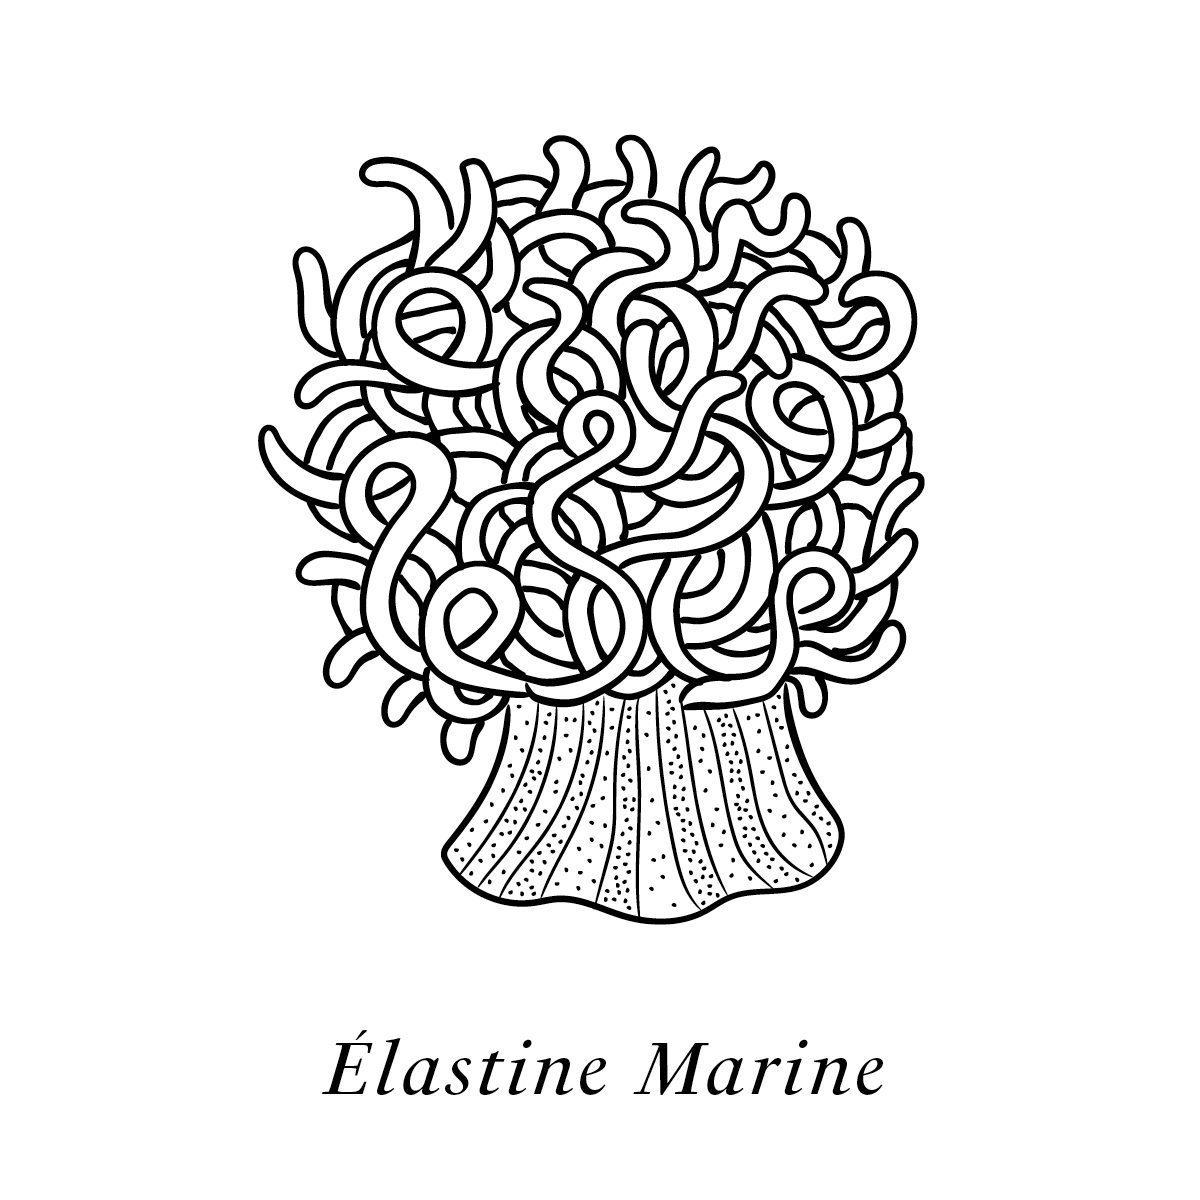 Illustration de l'élastine marine, un des actifs naturelle du soin haute couture Claudius N°1